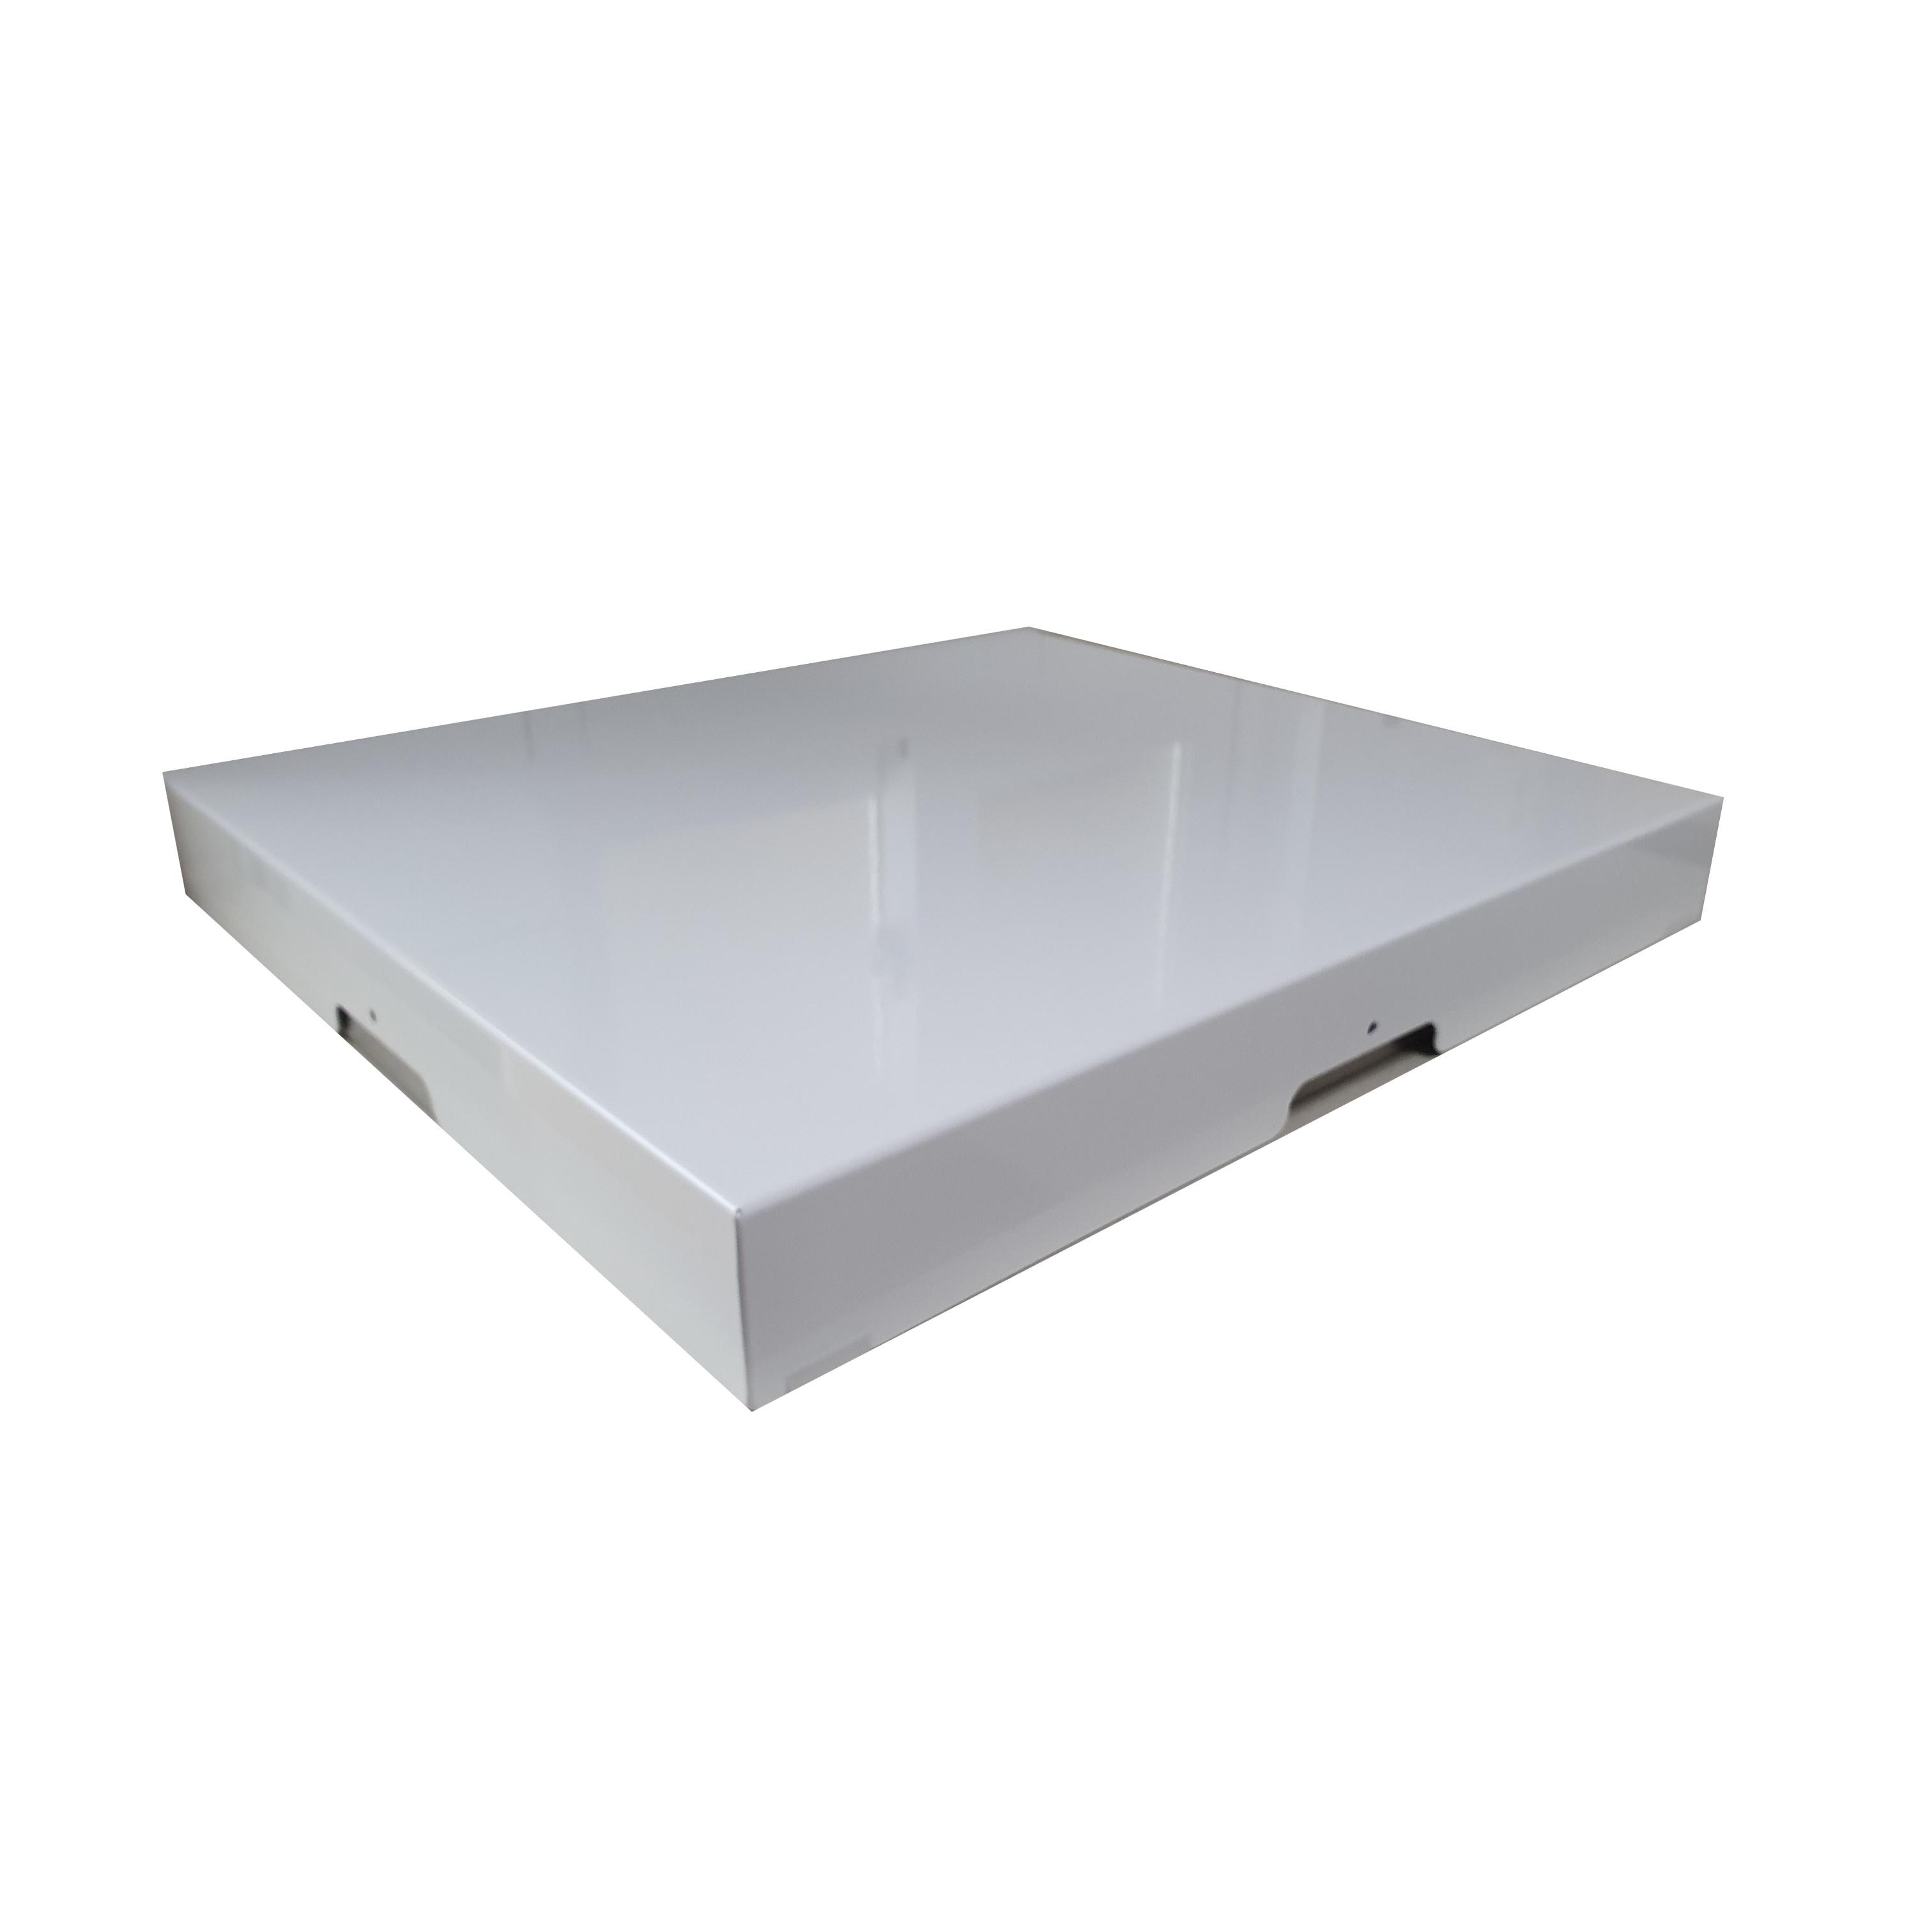 아텍스 인덕션 가스렌지 덮개 소 32 x 54 x 7 cm, 1개, 모던화이트